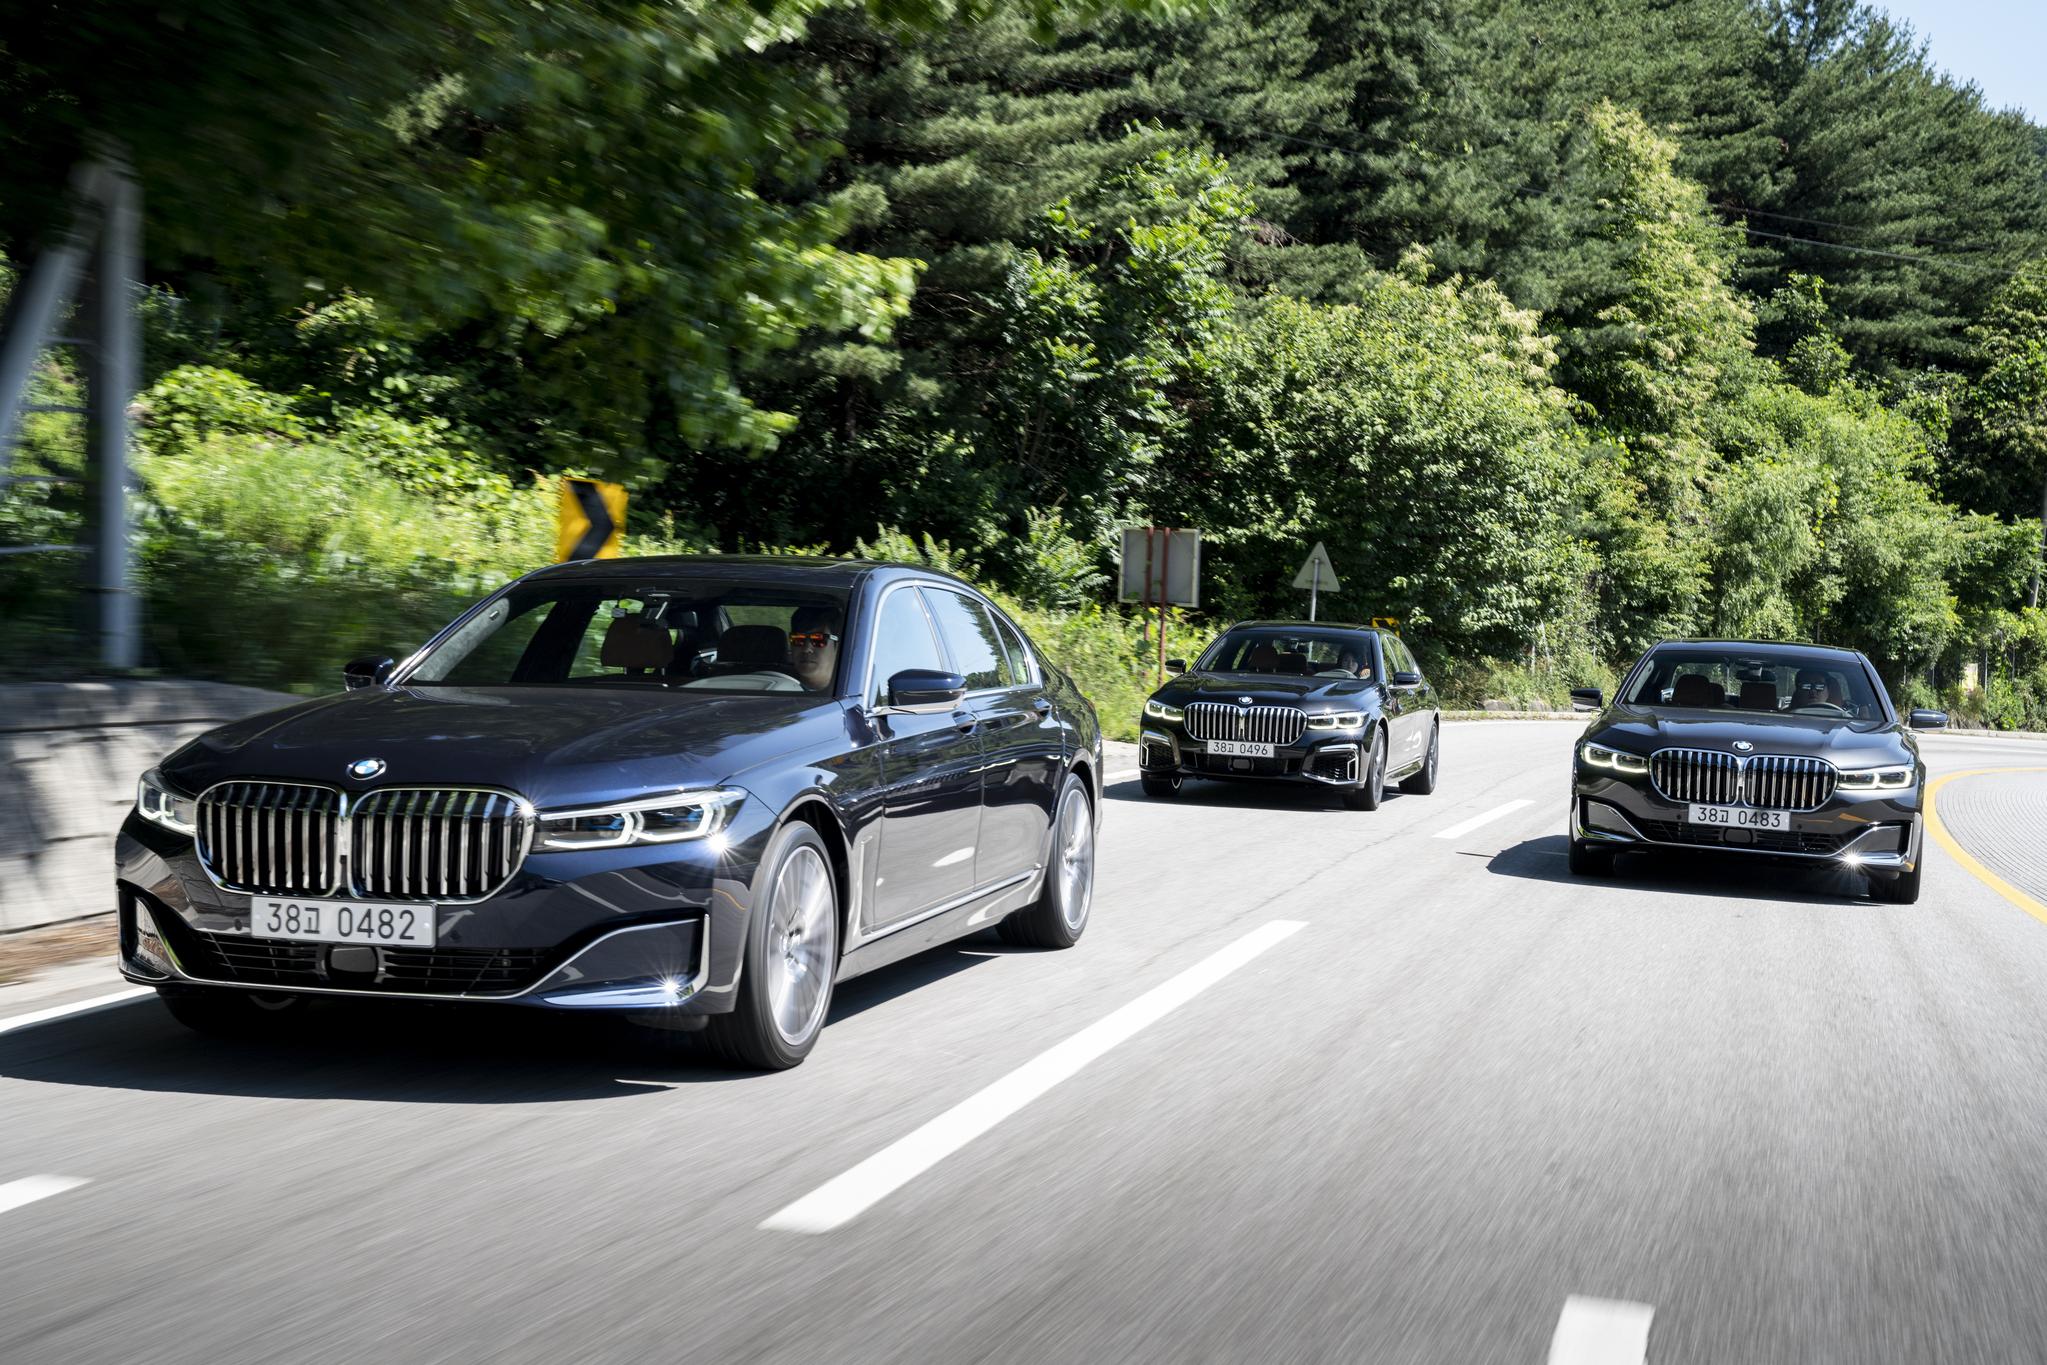 BMW 더 뉴 7시리즈는 부분변경 모델이지만 풀 체인지급의 외관 변화를 줬다. 경쟁 브랜드와 플래그십 세단 경쟁에 나서겠다는 의지의 표현이다. [BMW코리아]